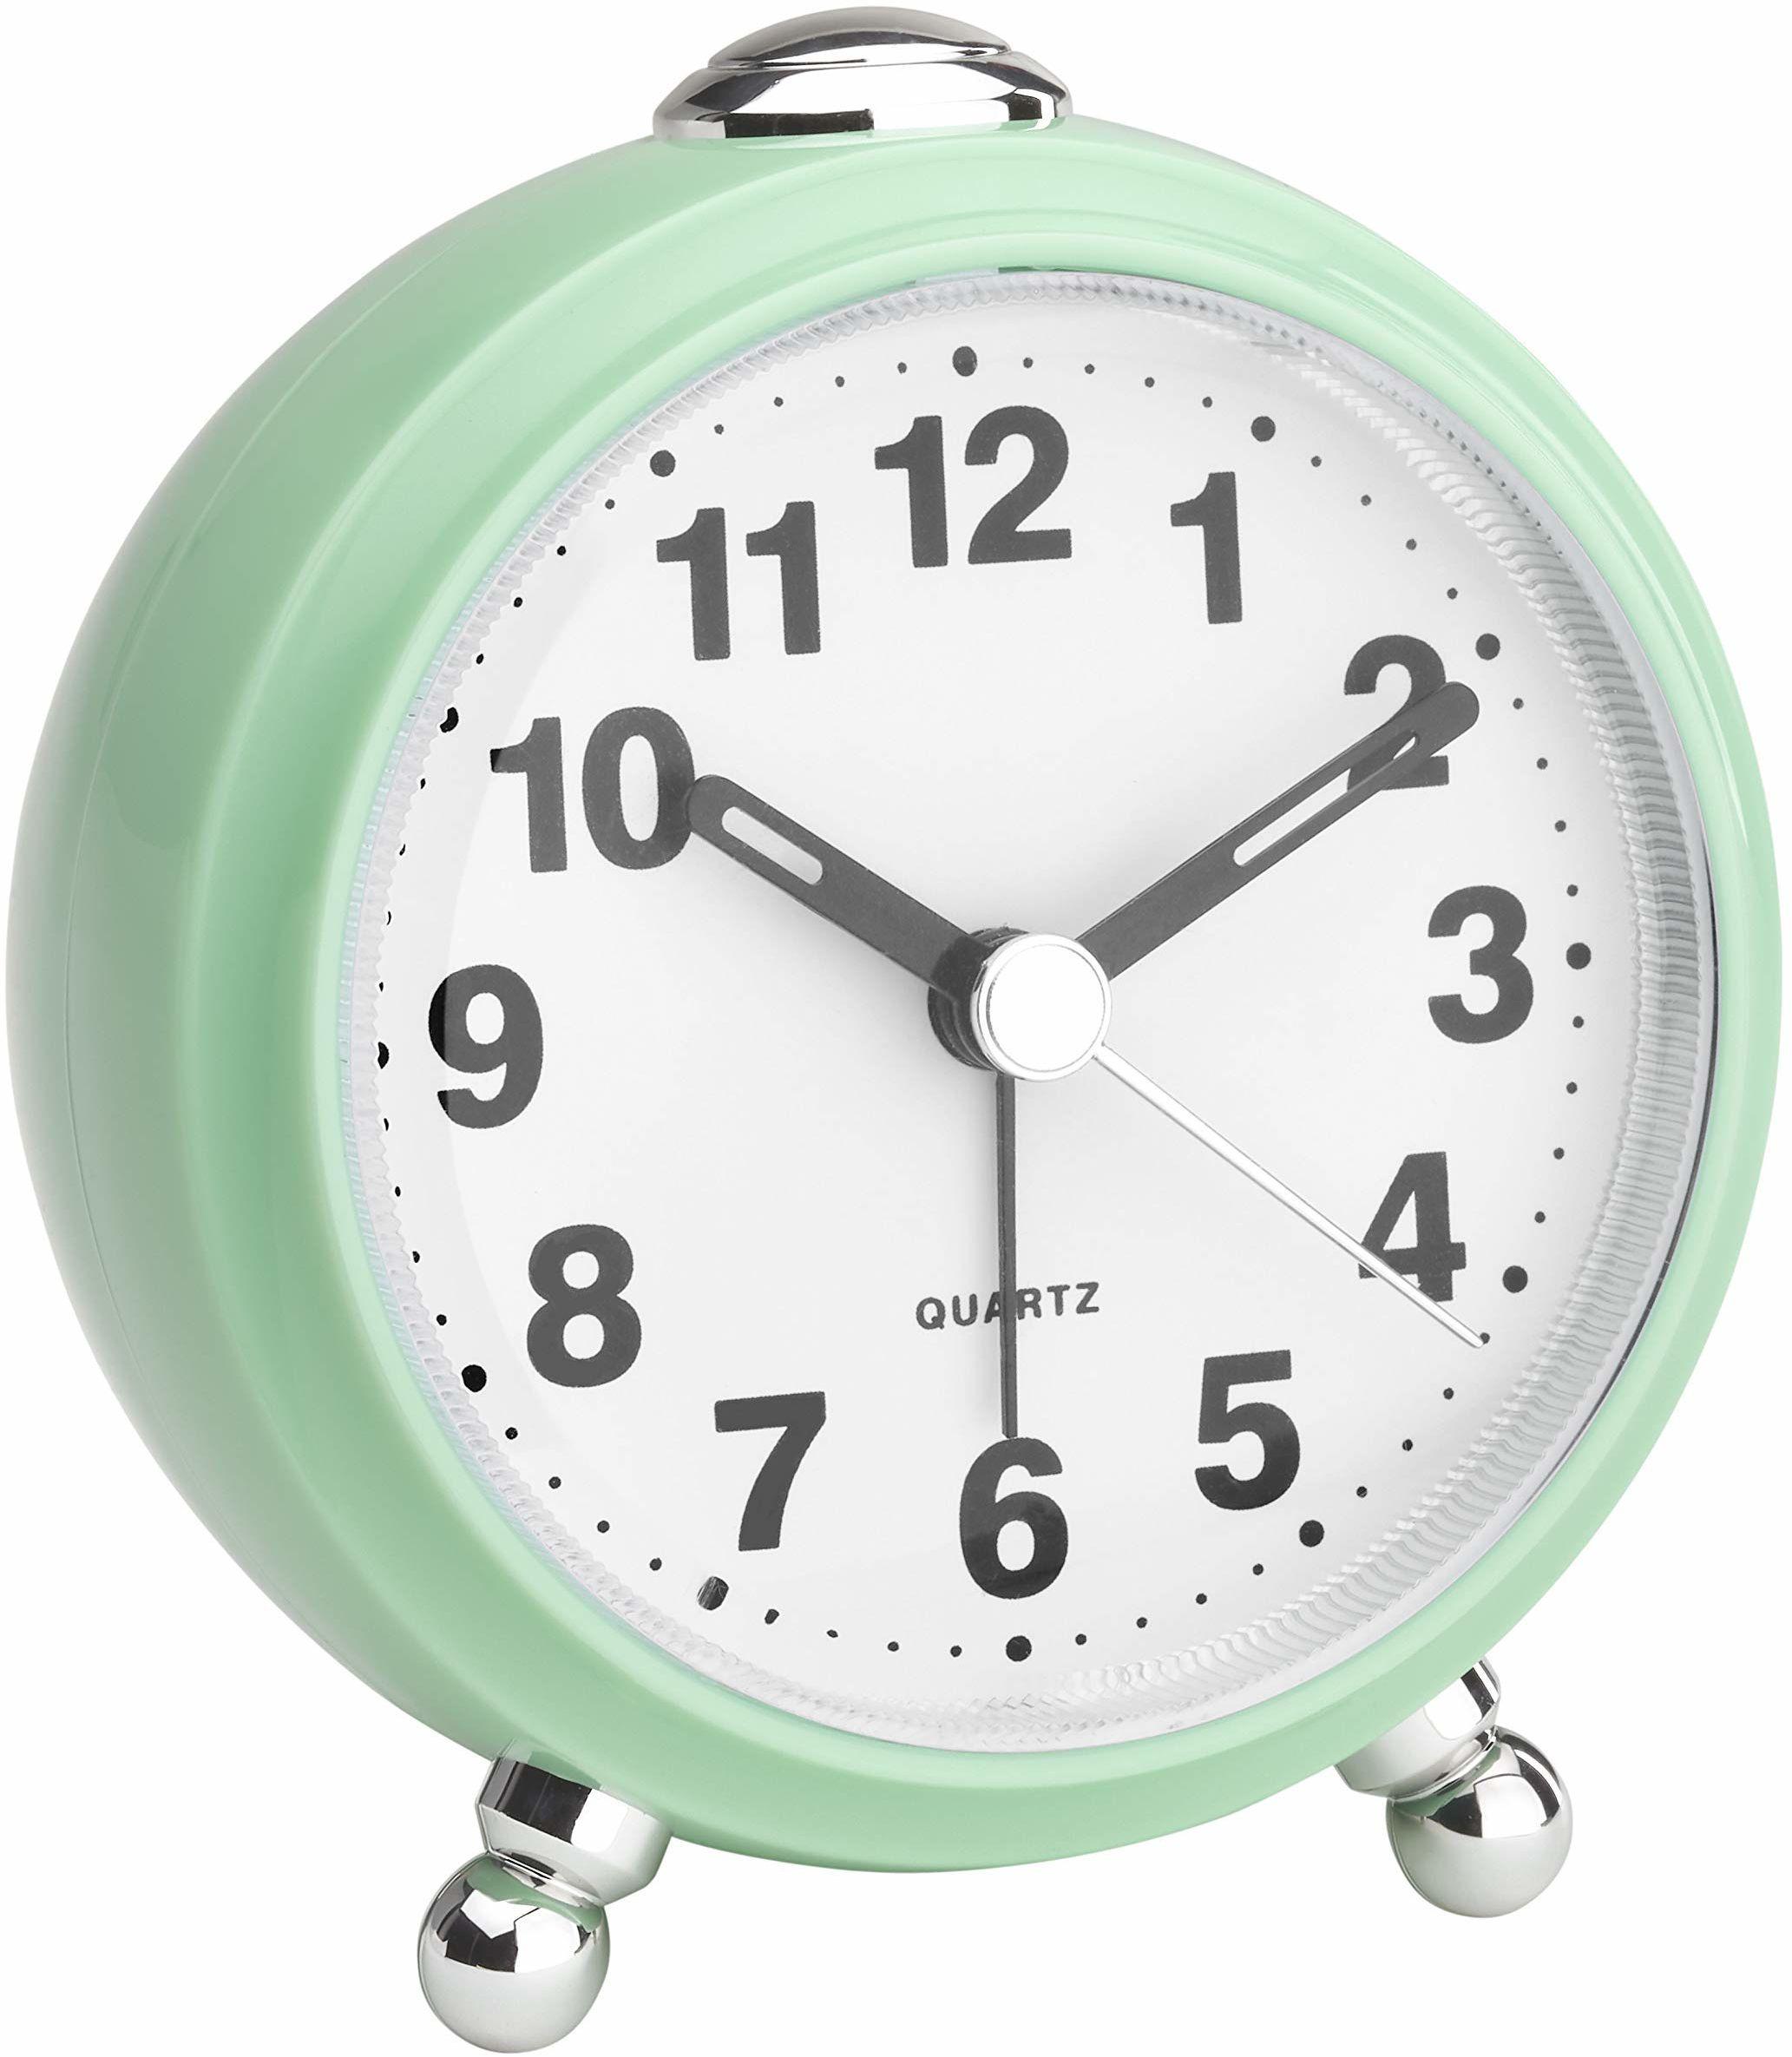 TFA Dostmann analogowy budzik, w stylu retro, cichy mechanizm zegarowy, tworzywo sztuczne, miętowy, (dł.) 83 x (szer.) 53 x (wys.) 92 mm